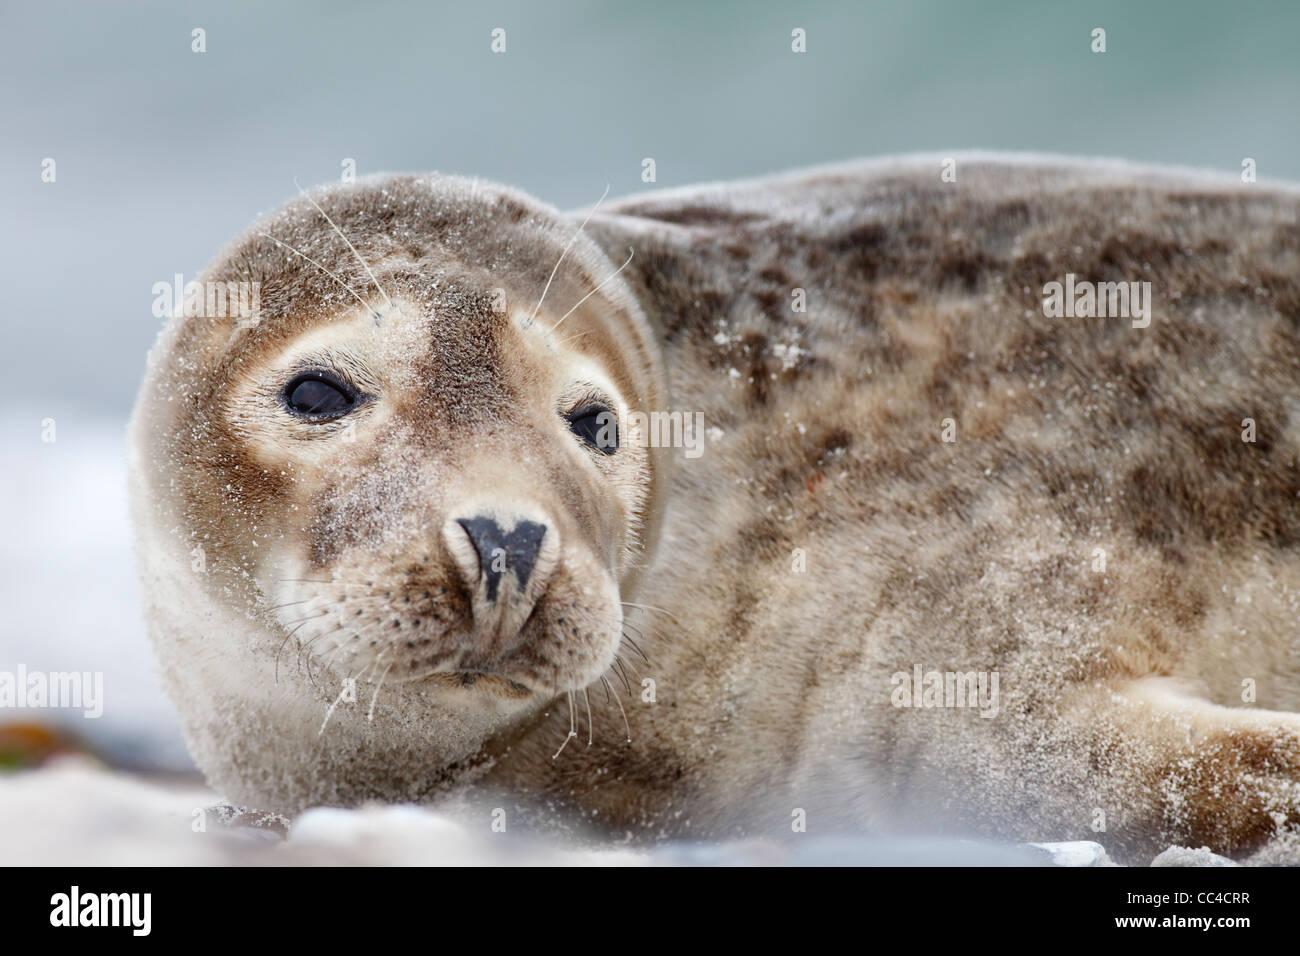 Porträt von juvenile grau versiegeln; Latein: Halichoerus grypus Stockbild